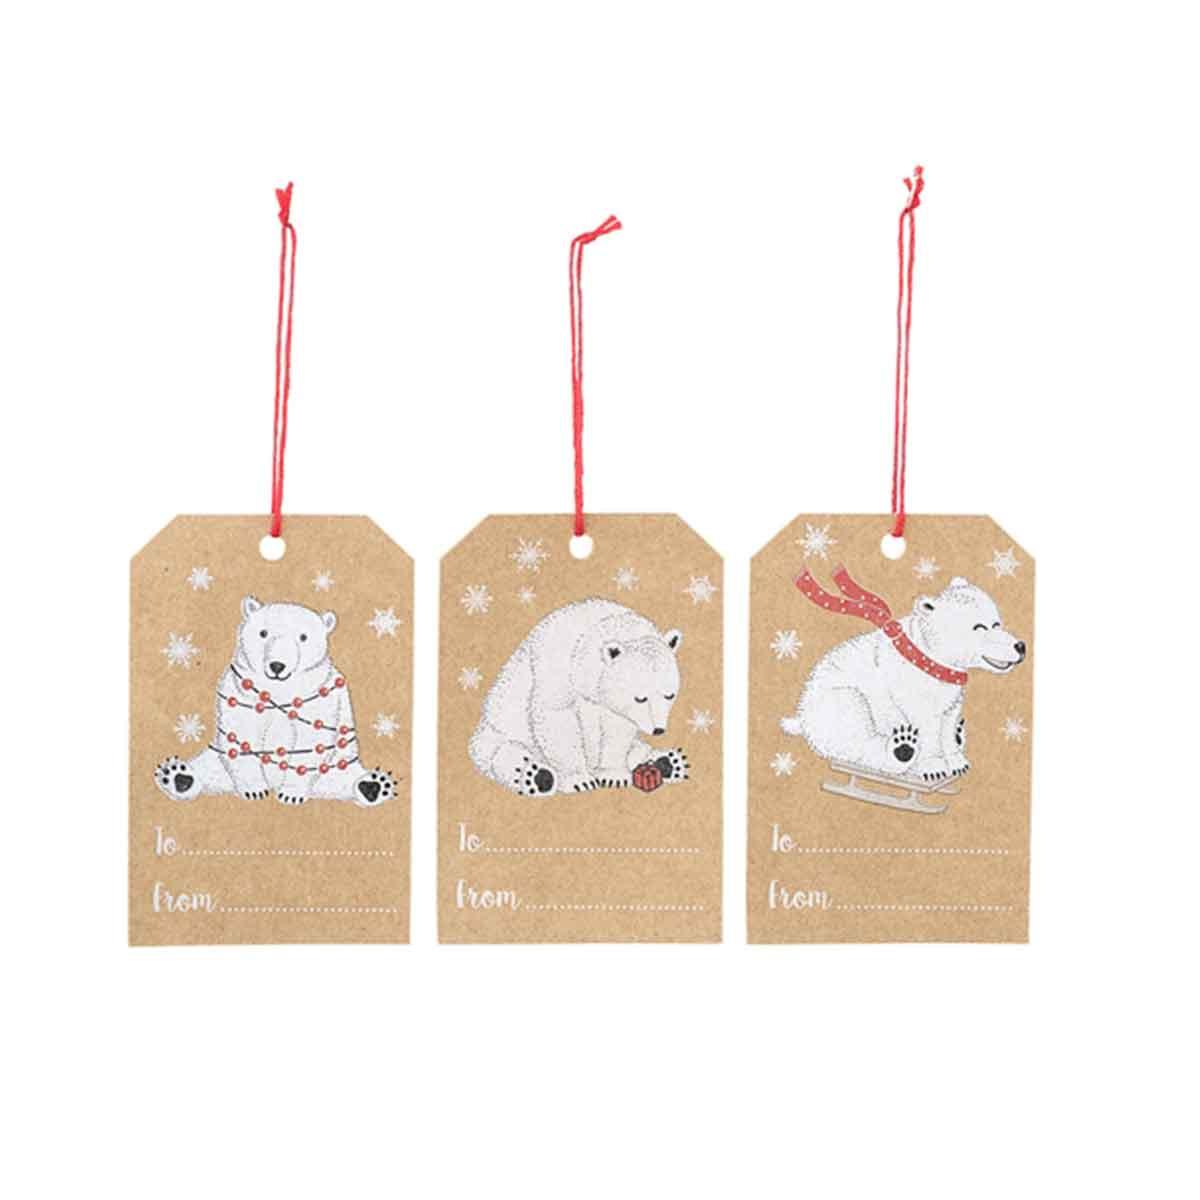 6 Étiquettes Pour Cadeaux De Noël à Etiquette Pour Cadeau De Noel